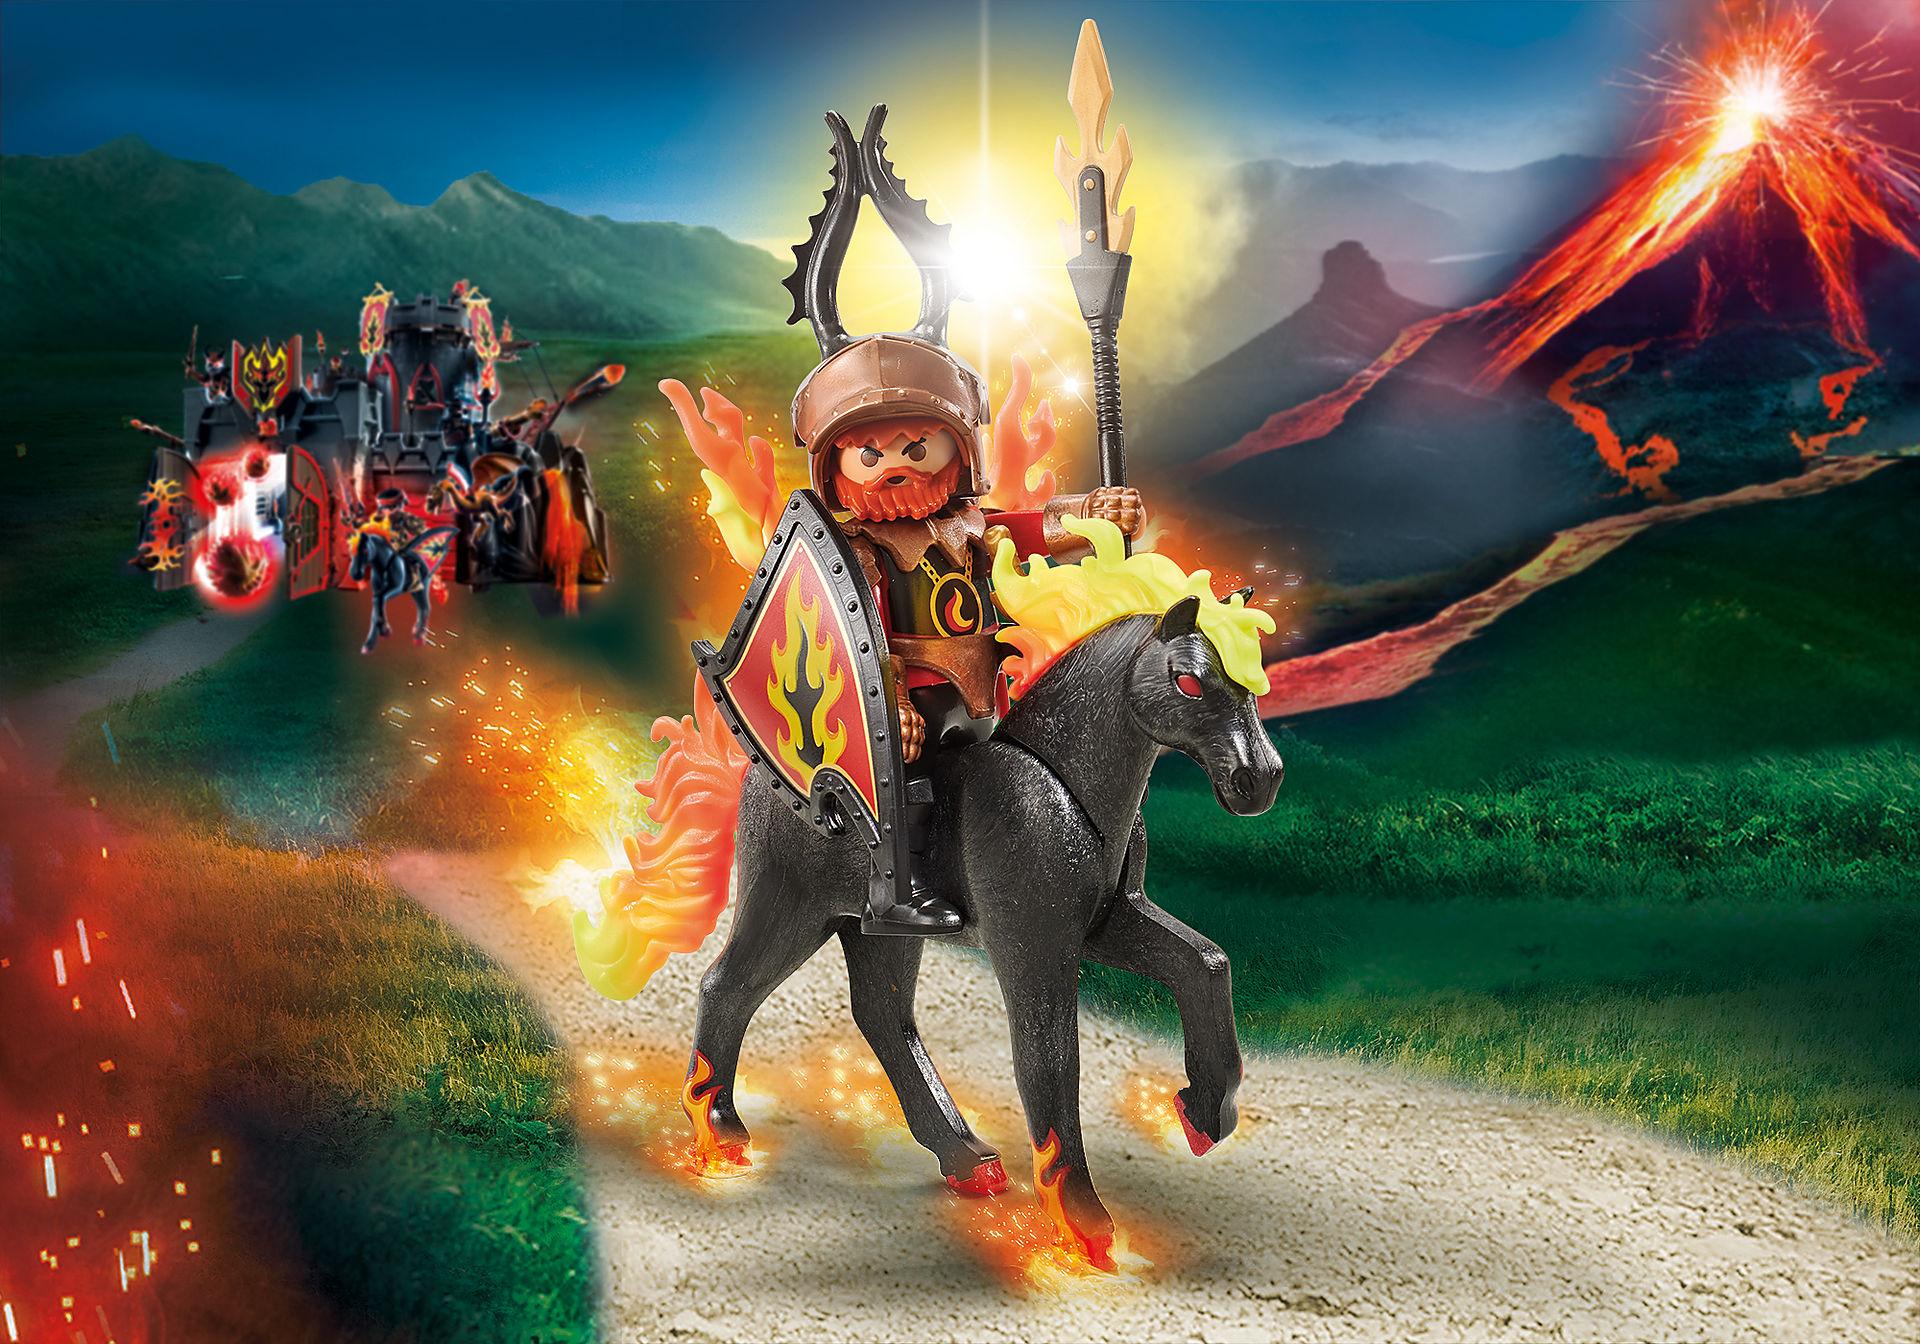 9882 Cavalo de fogo com cavaleiro zoom image1